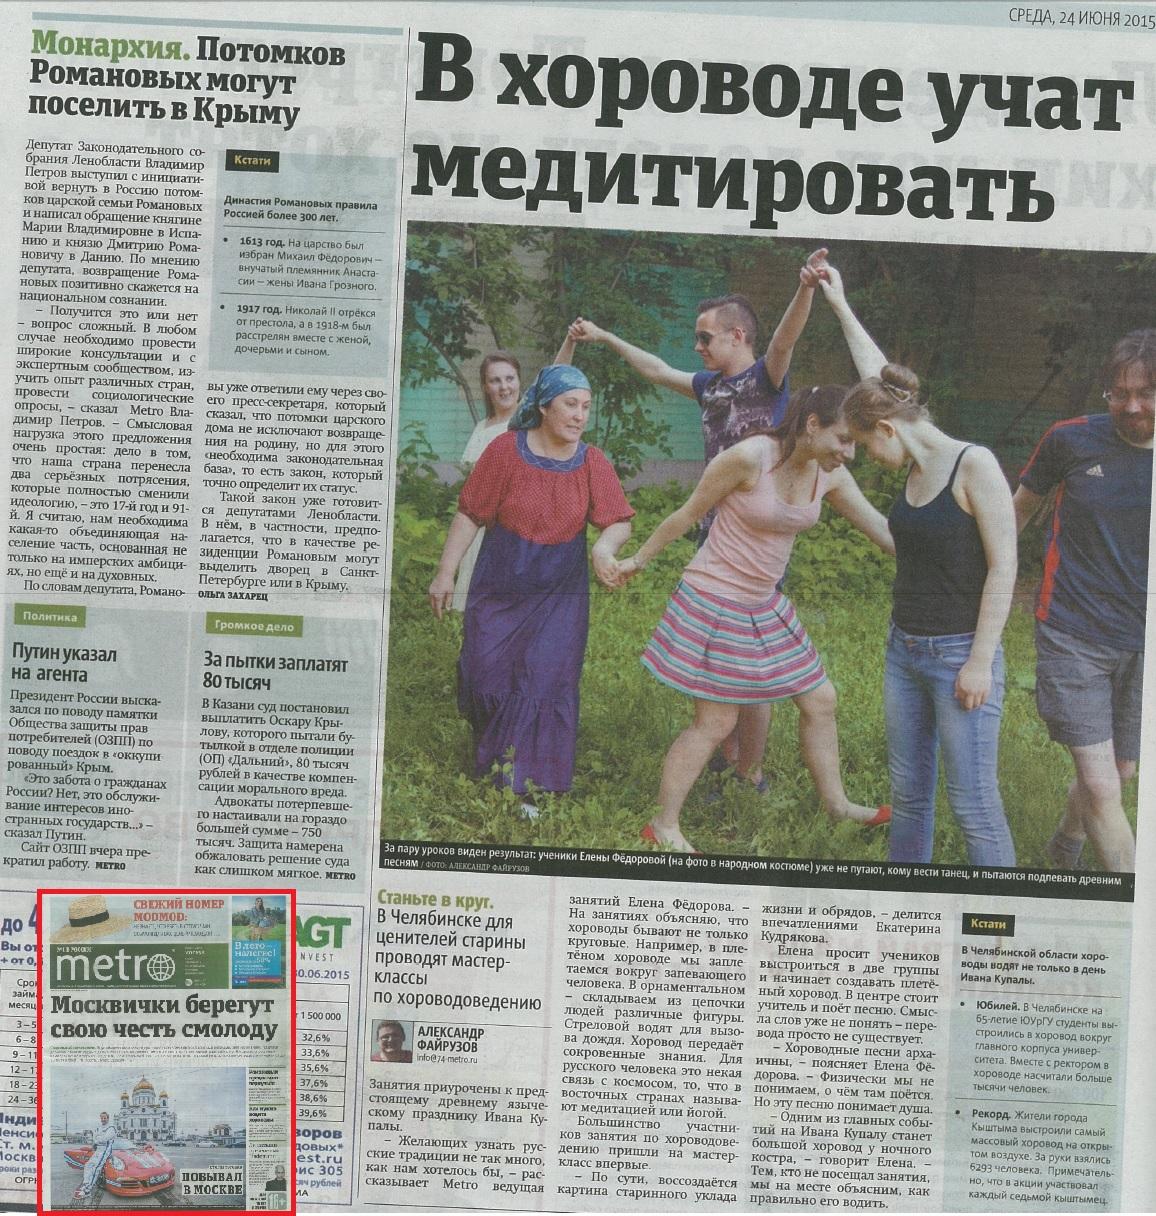 Metro_khorovod_24-june-2015